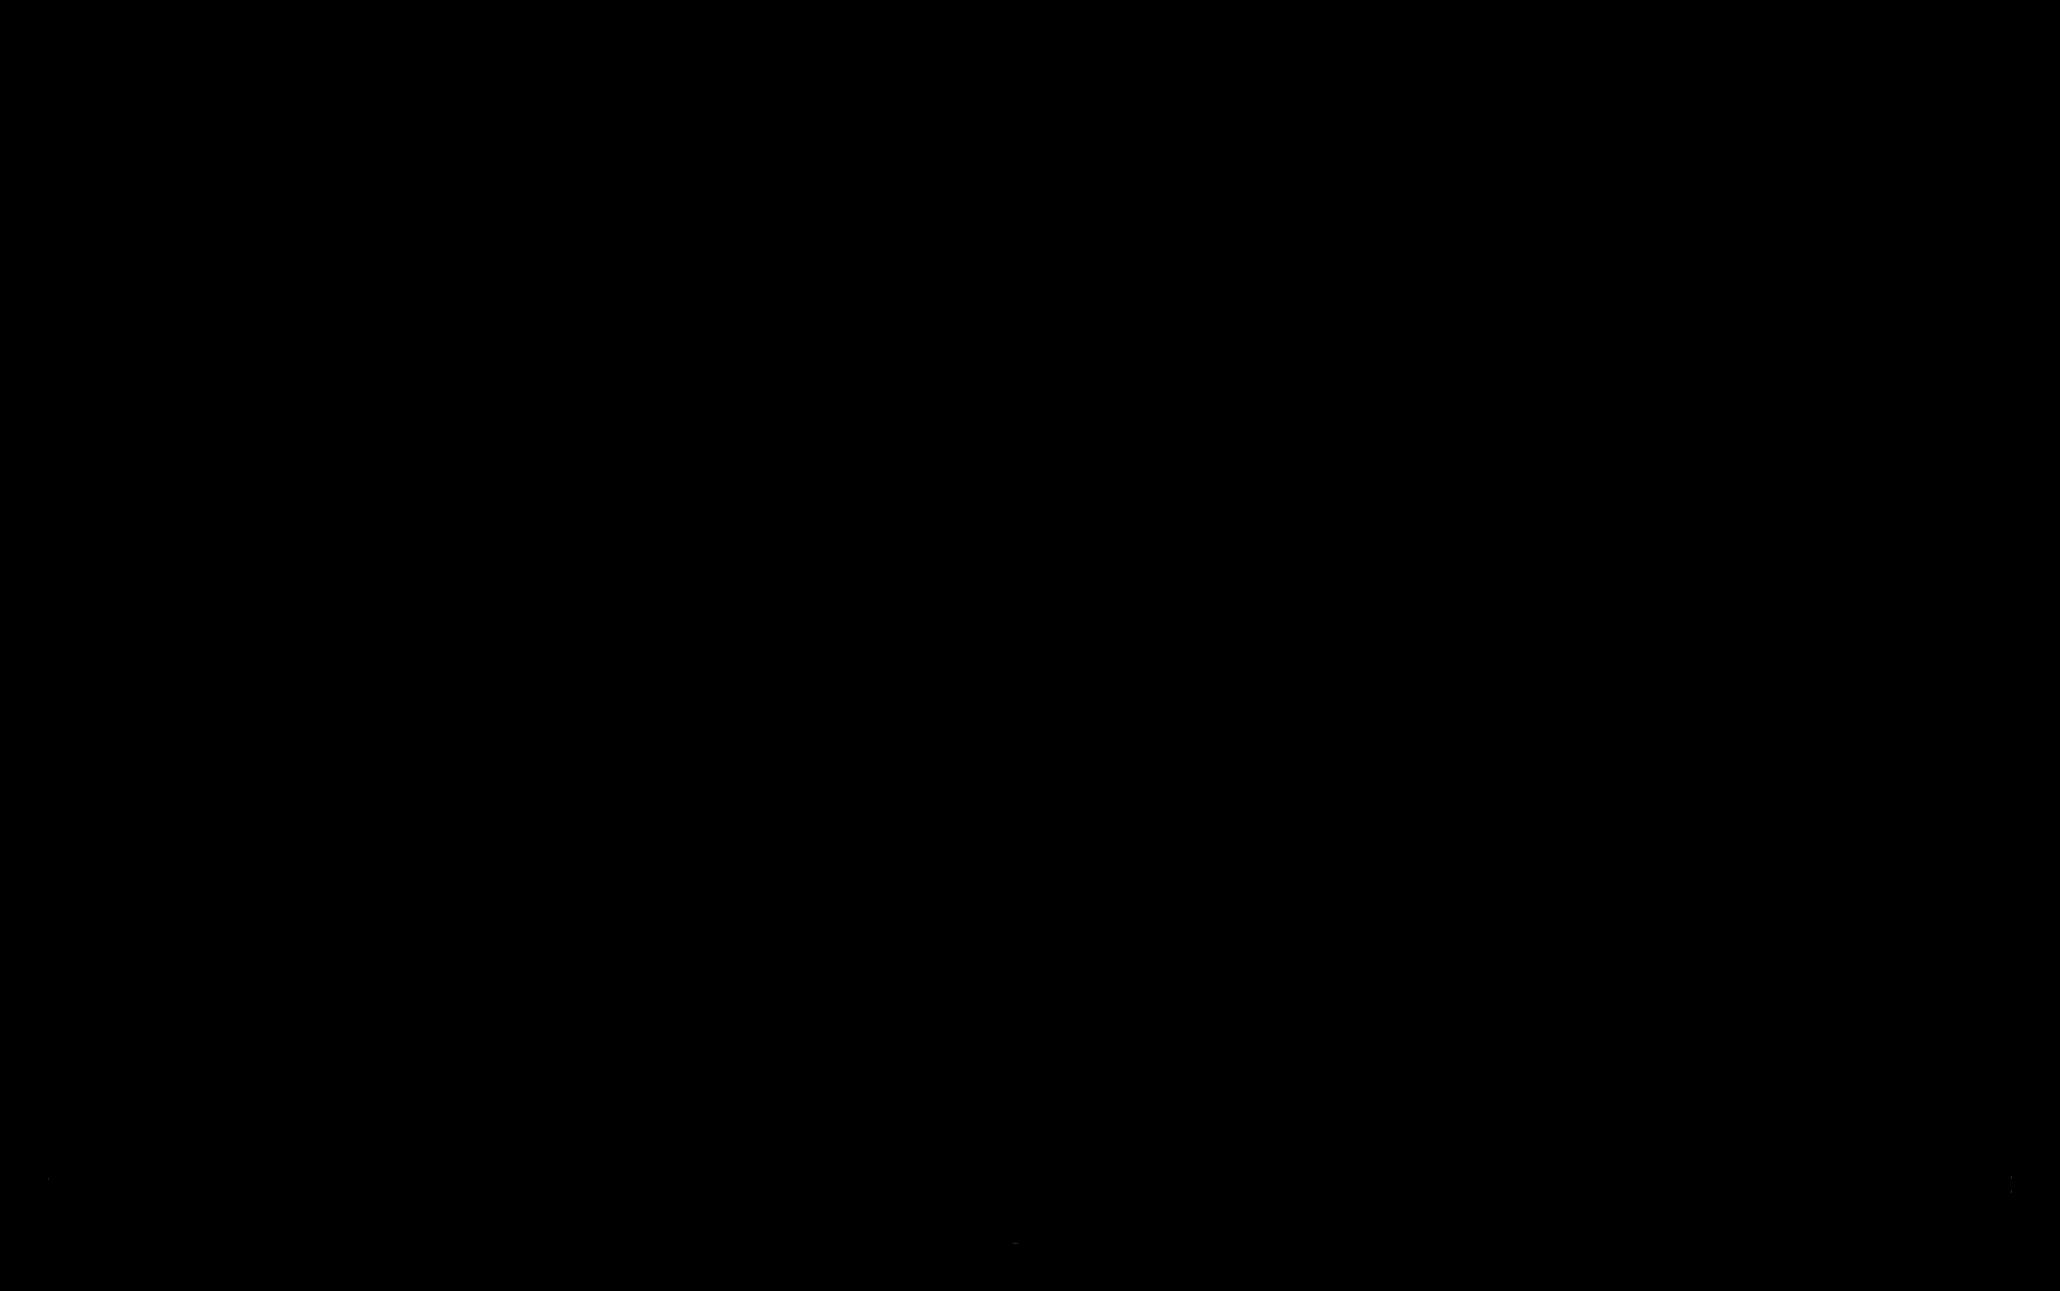 Black logo for 11-11 Memories Retold